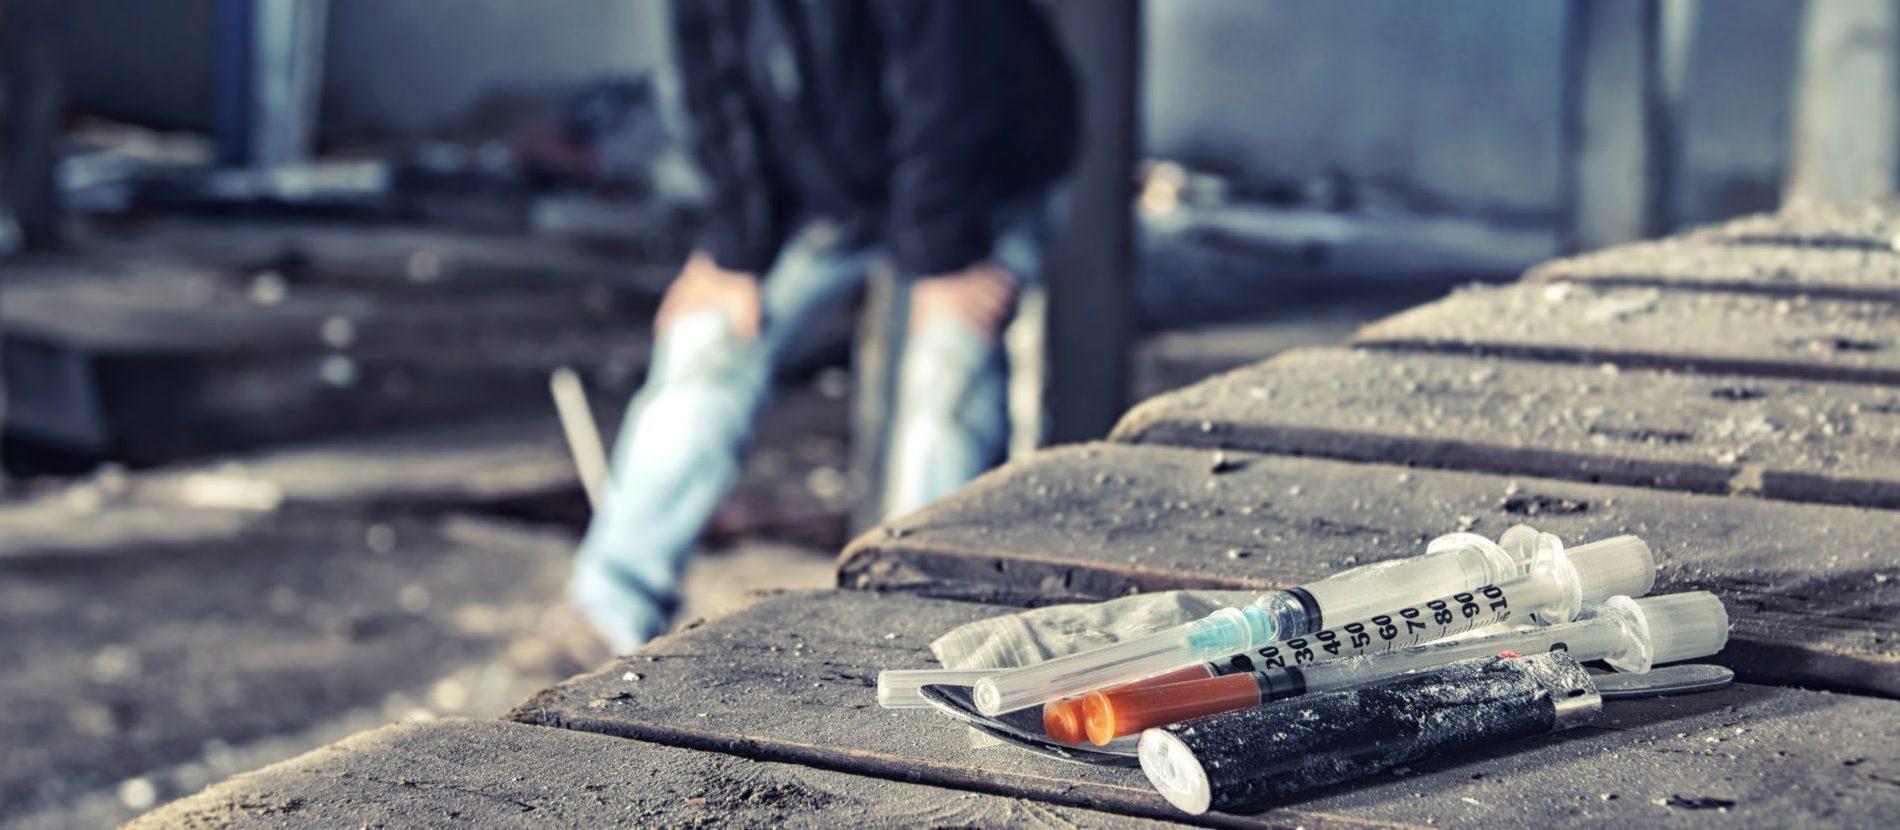 Героїнова залежність: наркотик, який «вміє чекати» - shutterstock 102360391 e15241288903851